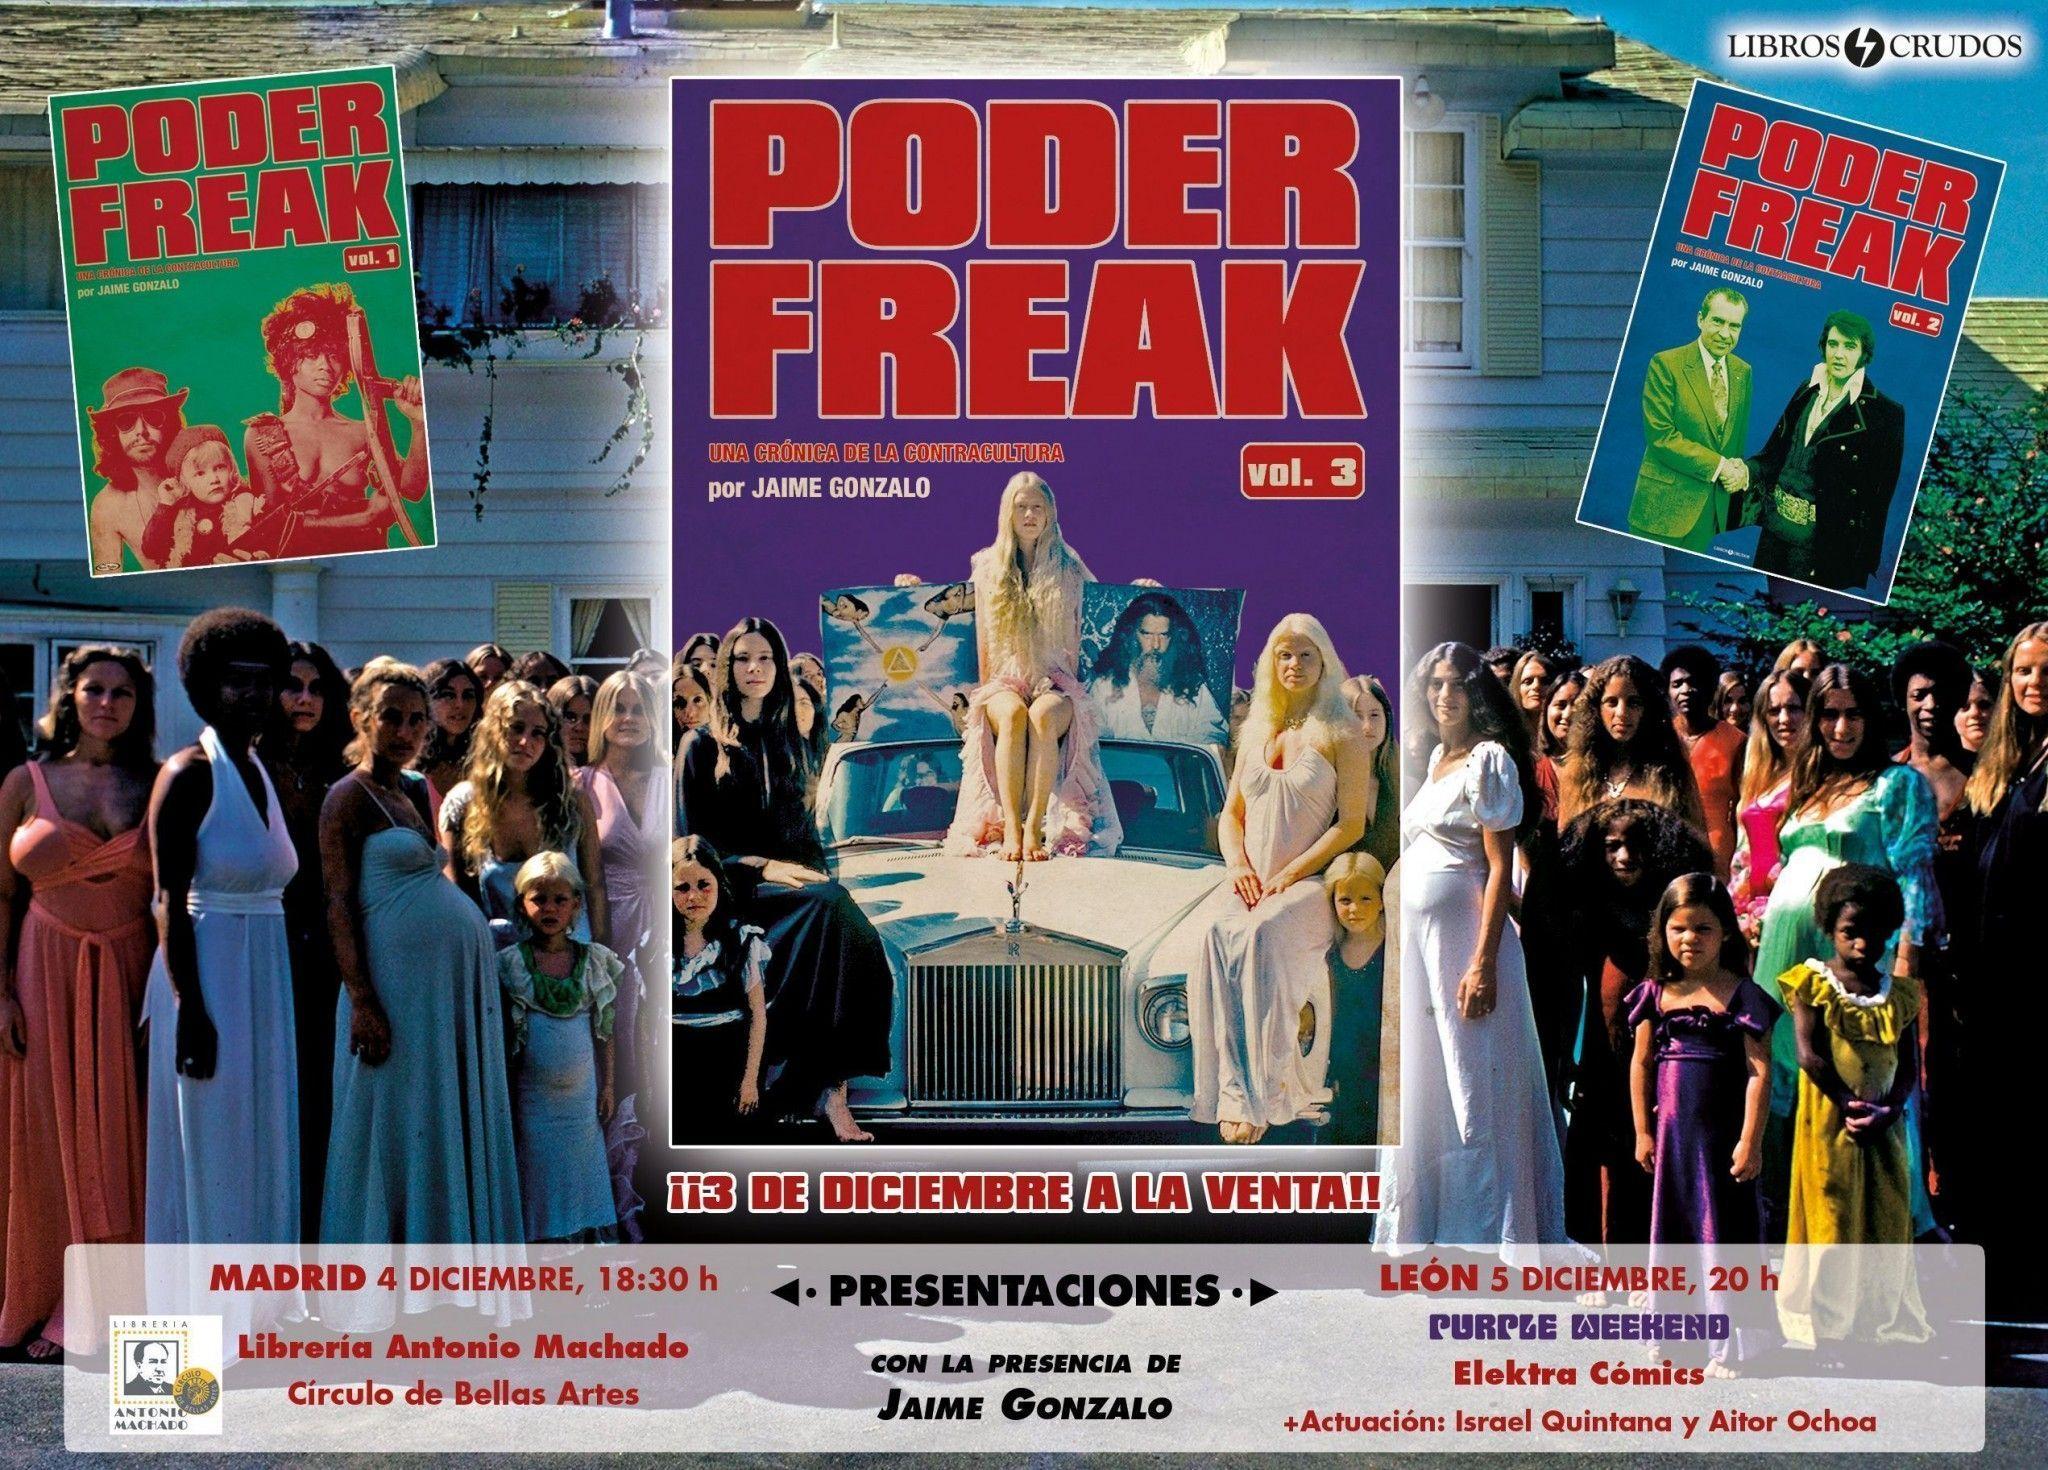 Presentaciones 'Poder freak vol. 3'